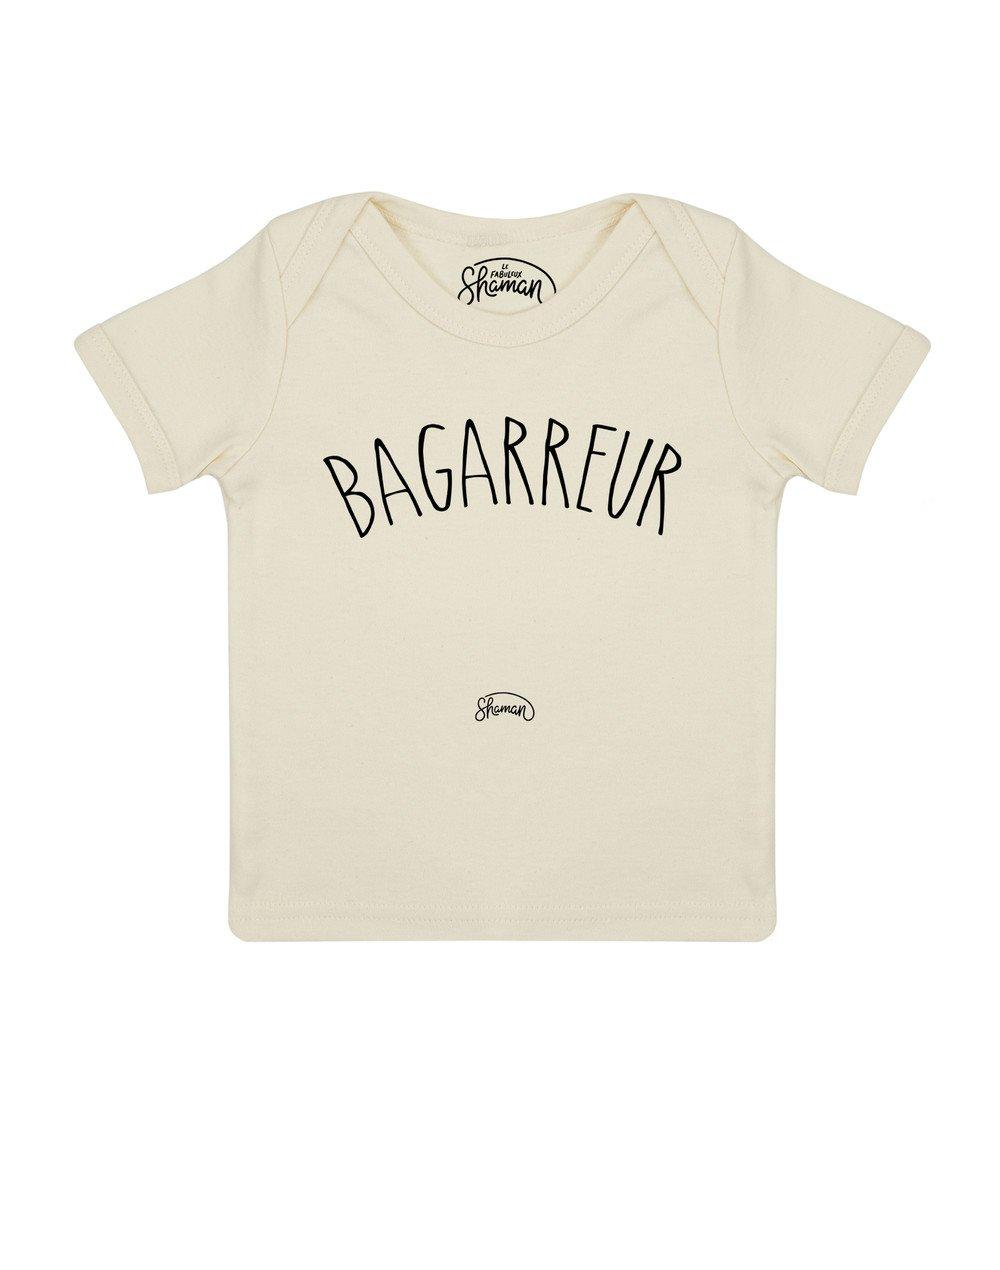 Tee shirt Bagarreur